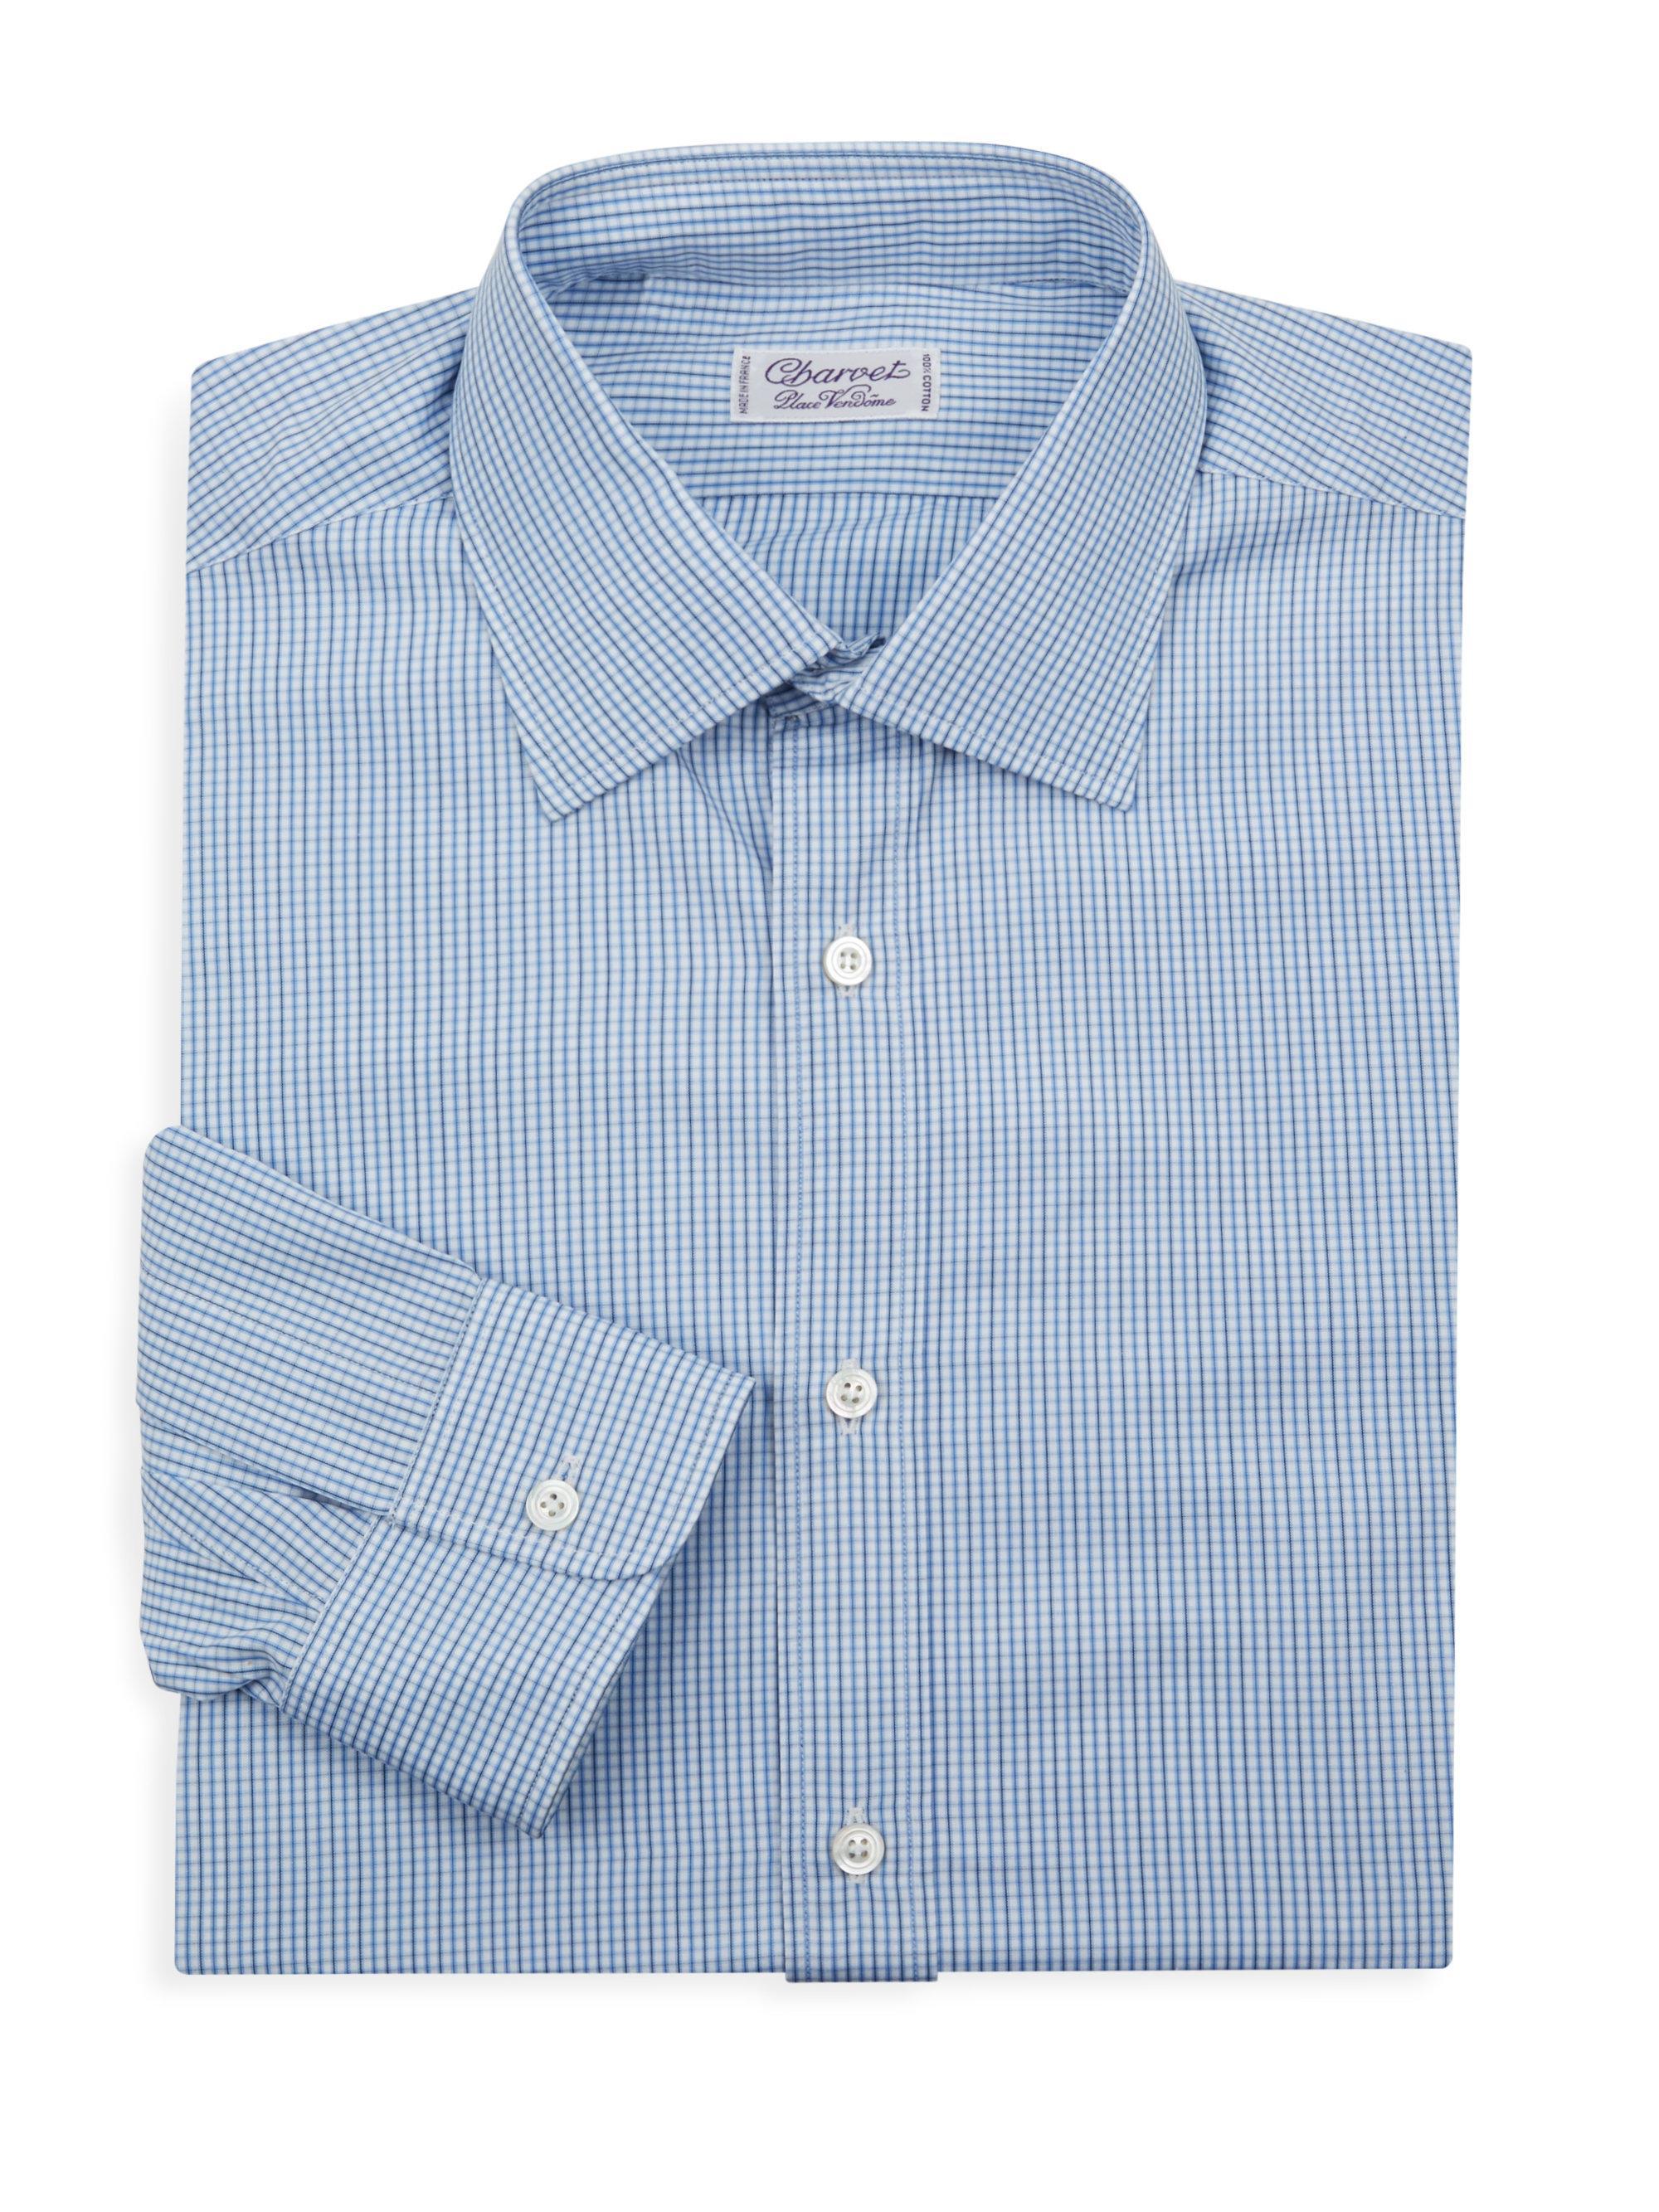 Lyst charvet pinstripe regular fit dress shirt in blue for Regular fit dress shirt